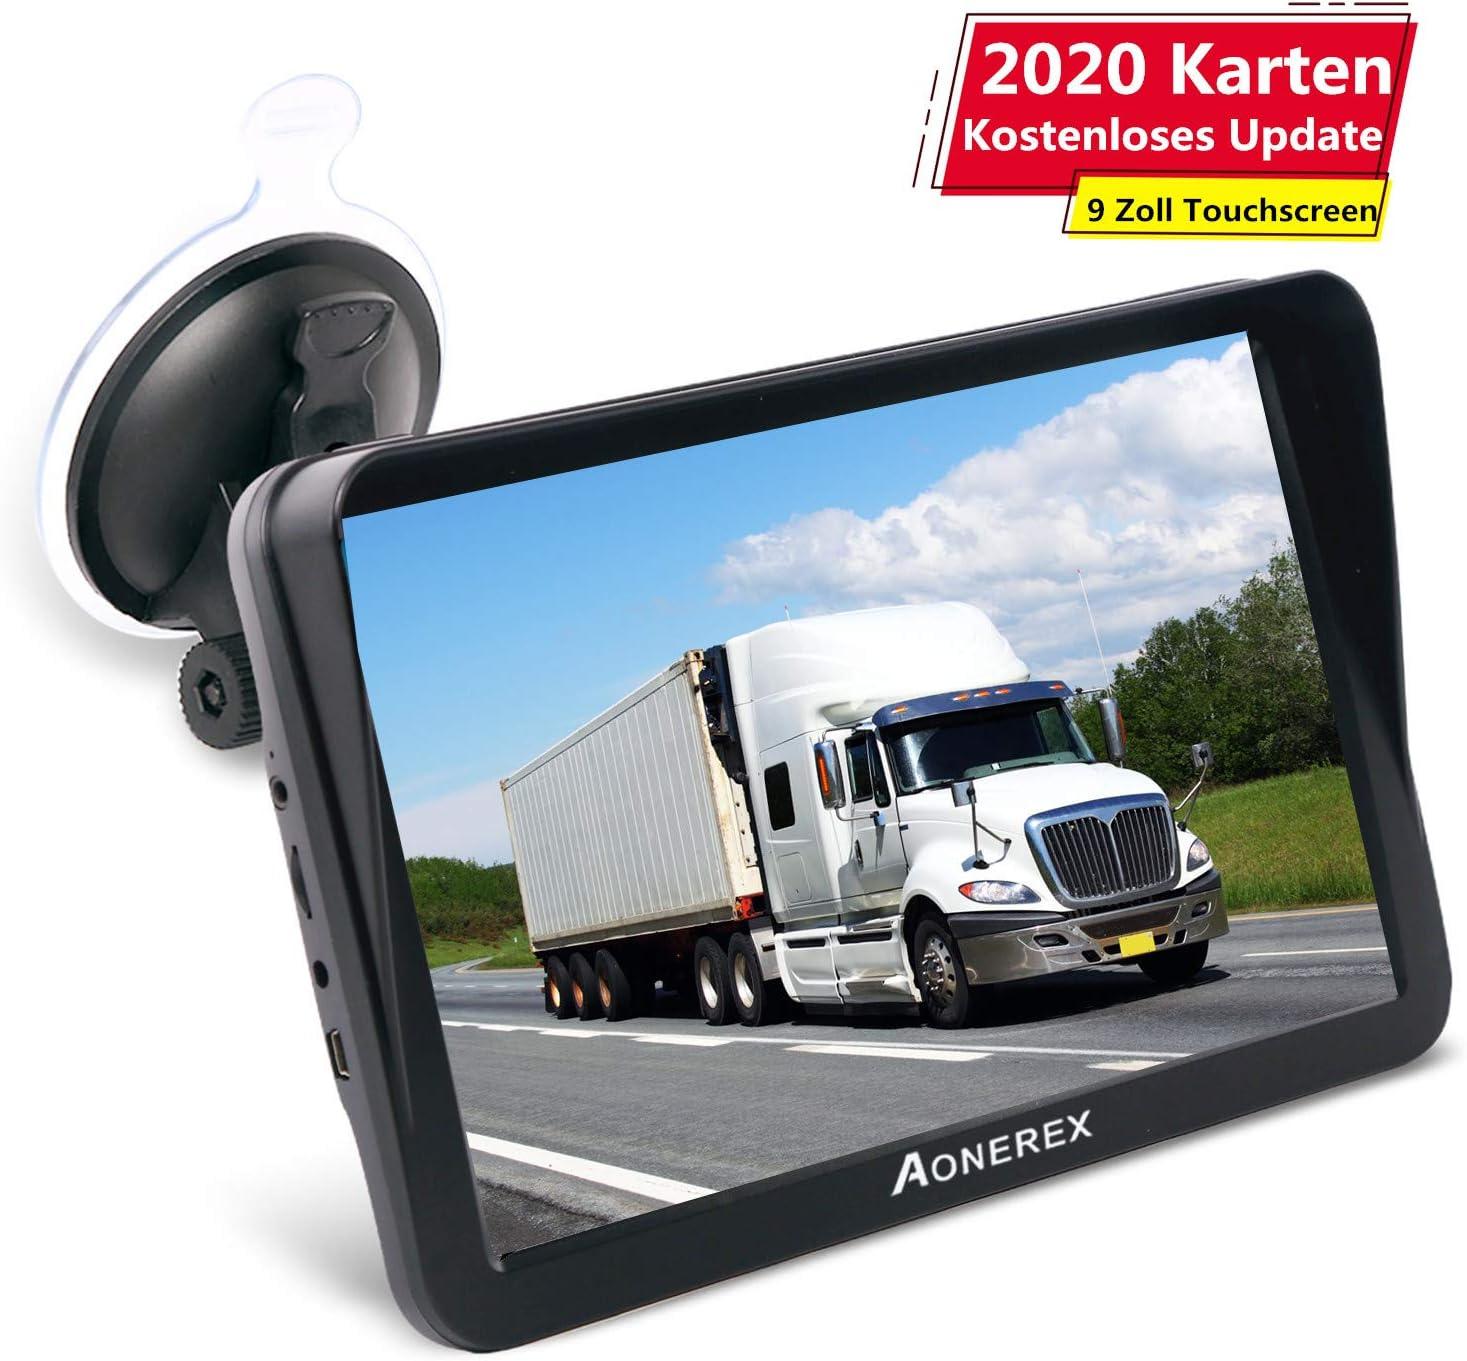 Aonerex - Navegador GPS para Coche, camión, Coche, 9 Pulgadas, con Parasol, guía de Voz, Asistente de Carril, mapas de Europa, actualizaciones de mapas de por Vida